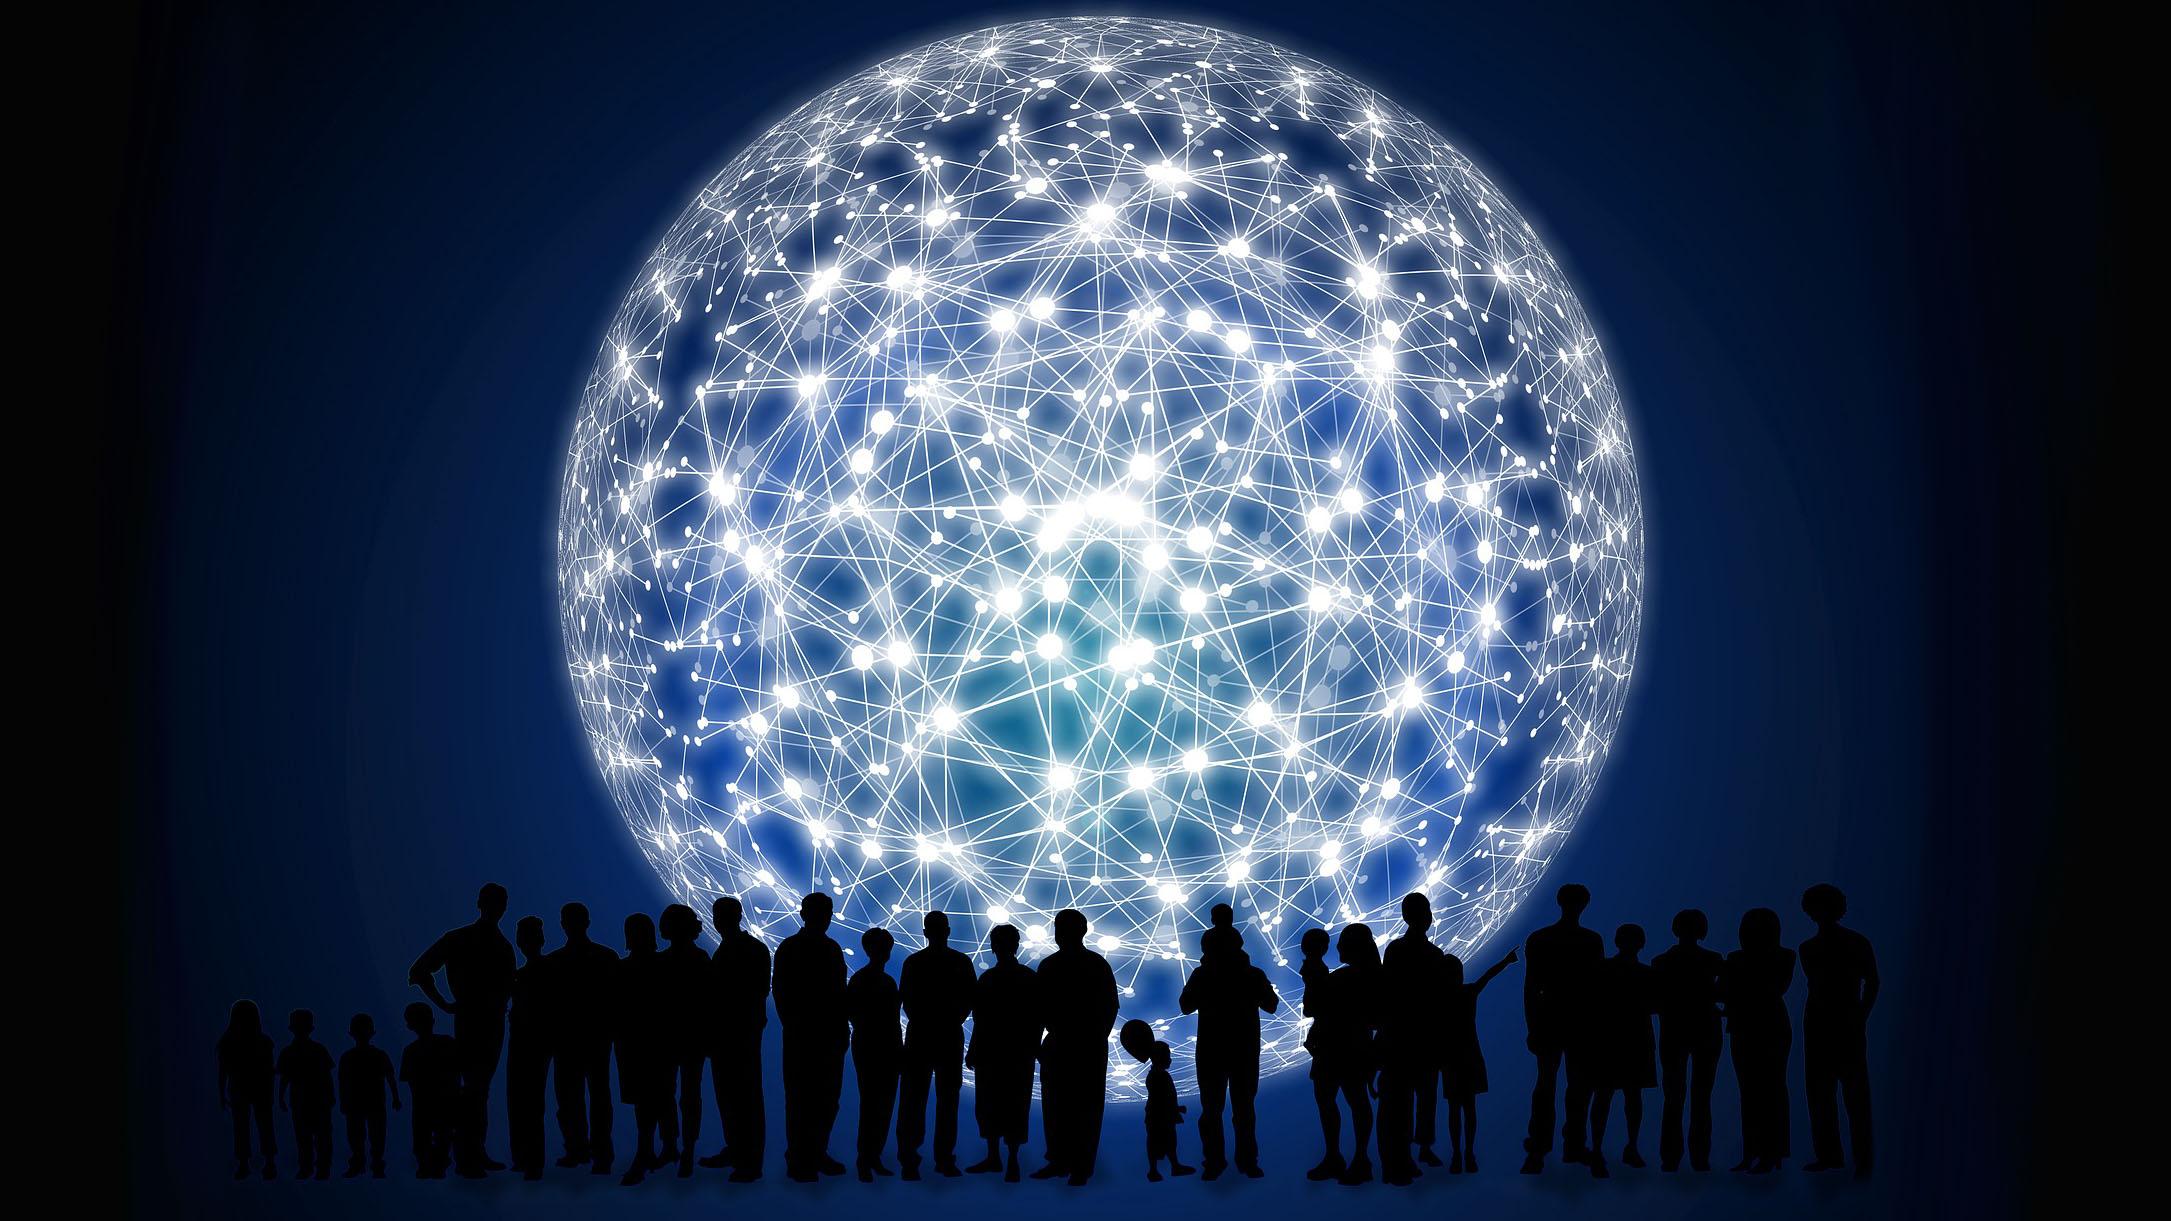 Un réseau de personnes devant une lune géante